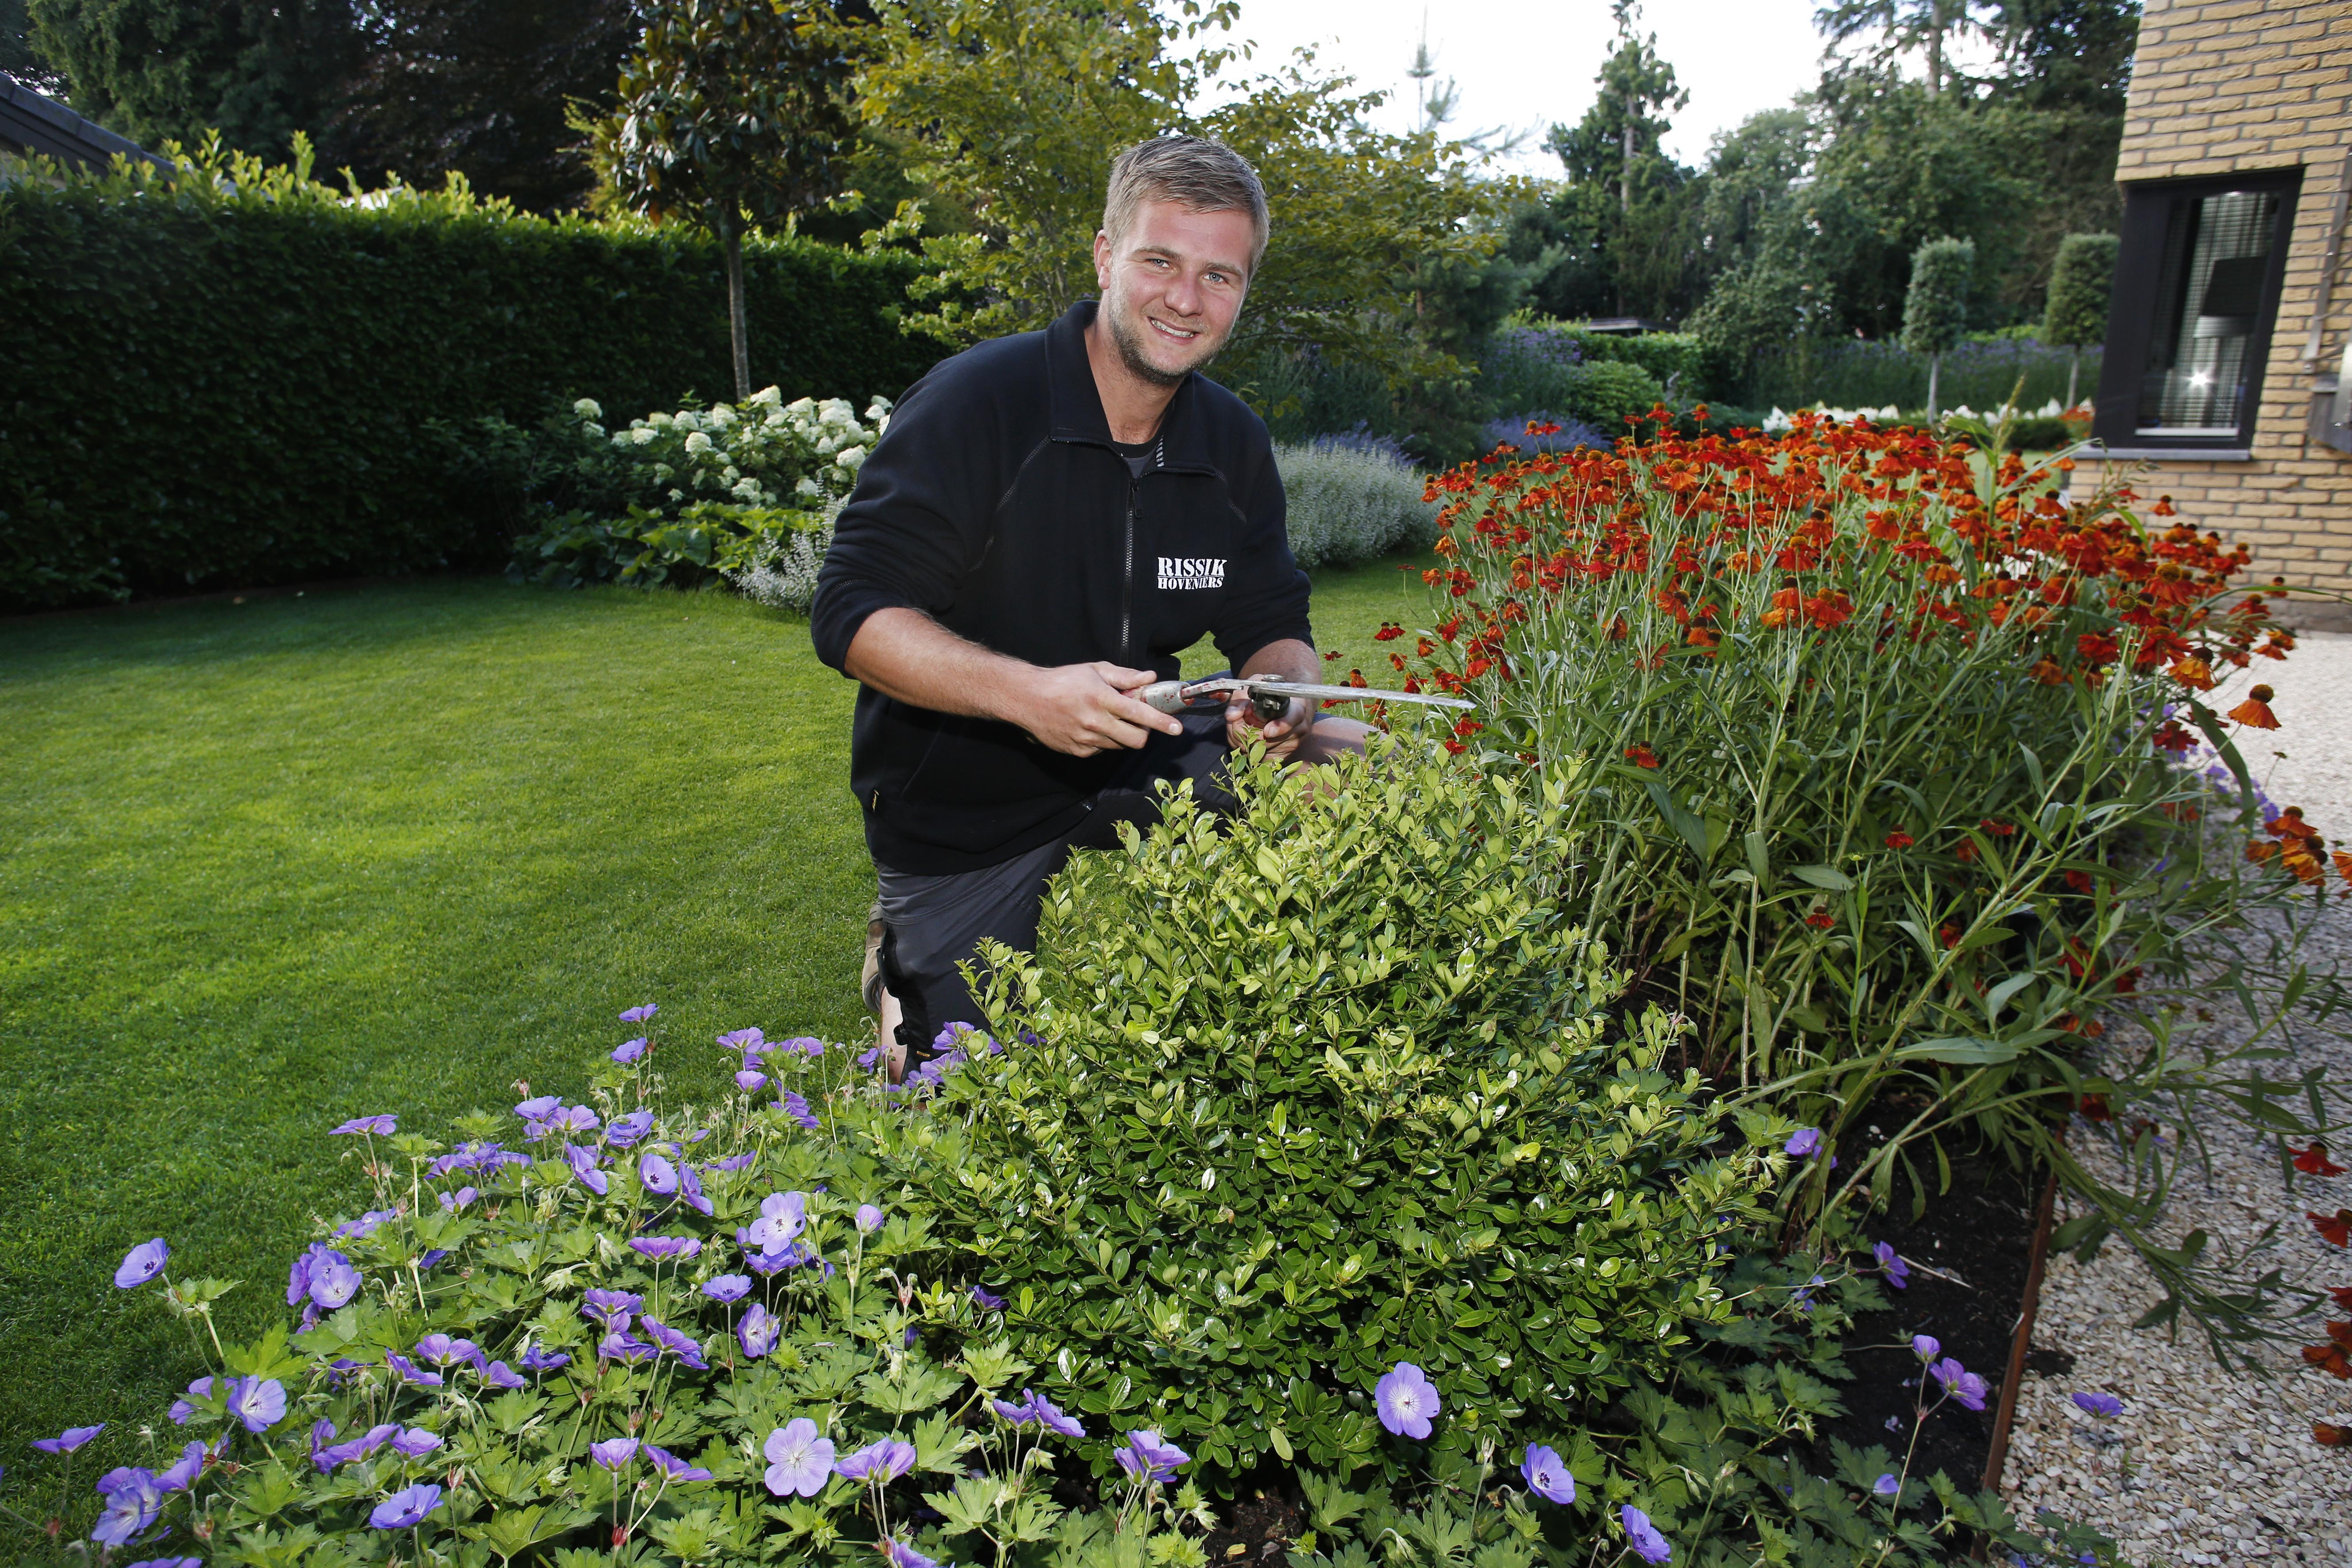 Jurriaan Rissik (24) van Rissik Hoveniers was vroeger al liever in de tuin bezig dan dat hij achter de computer zat